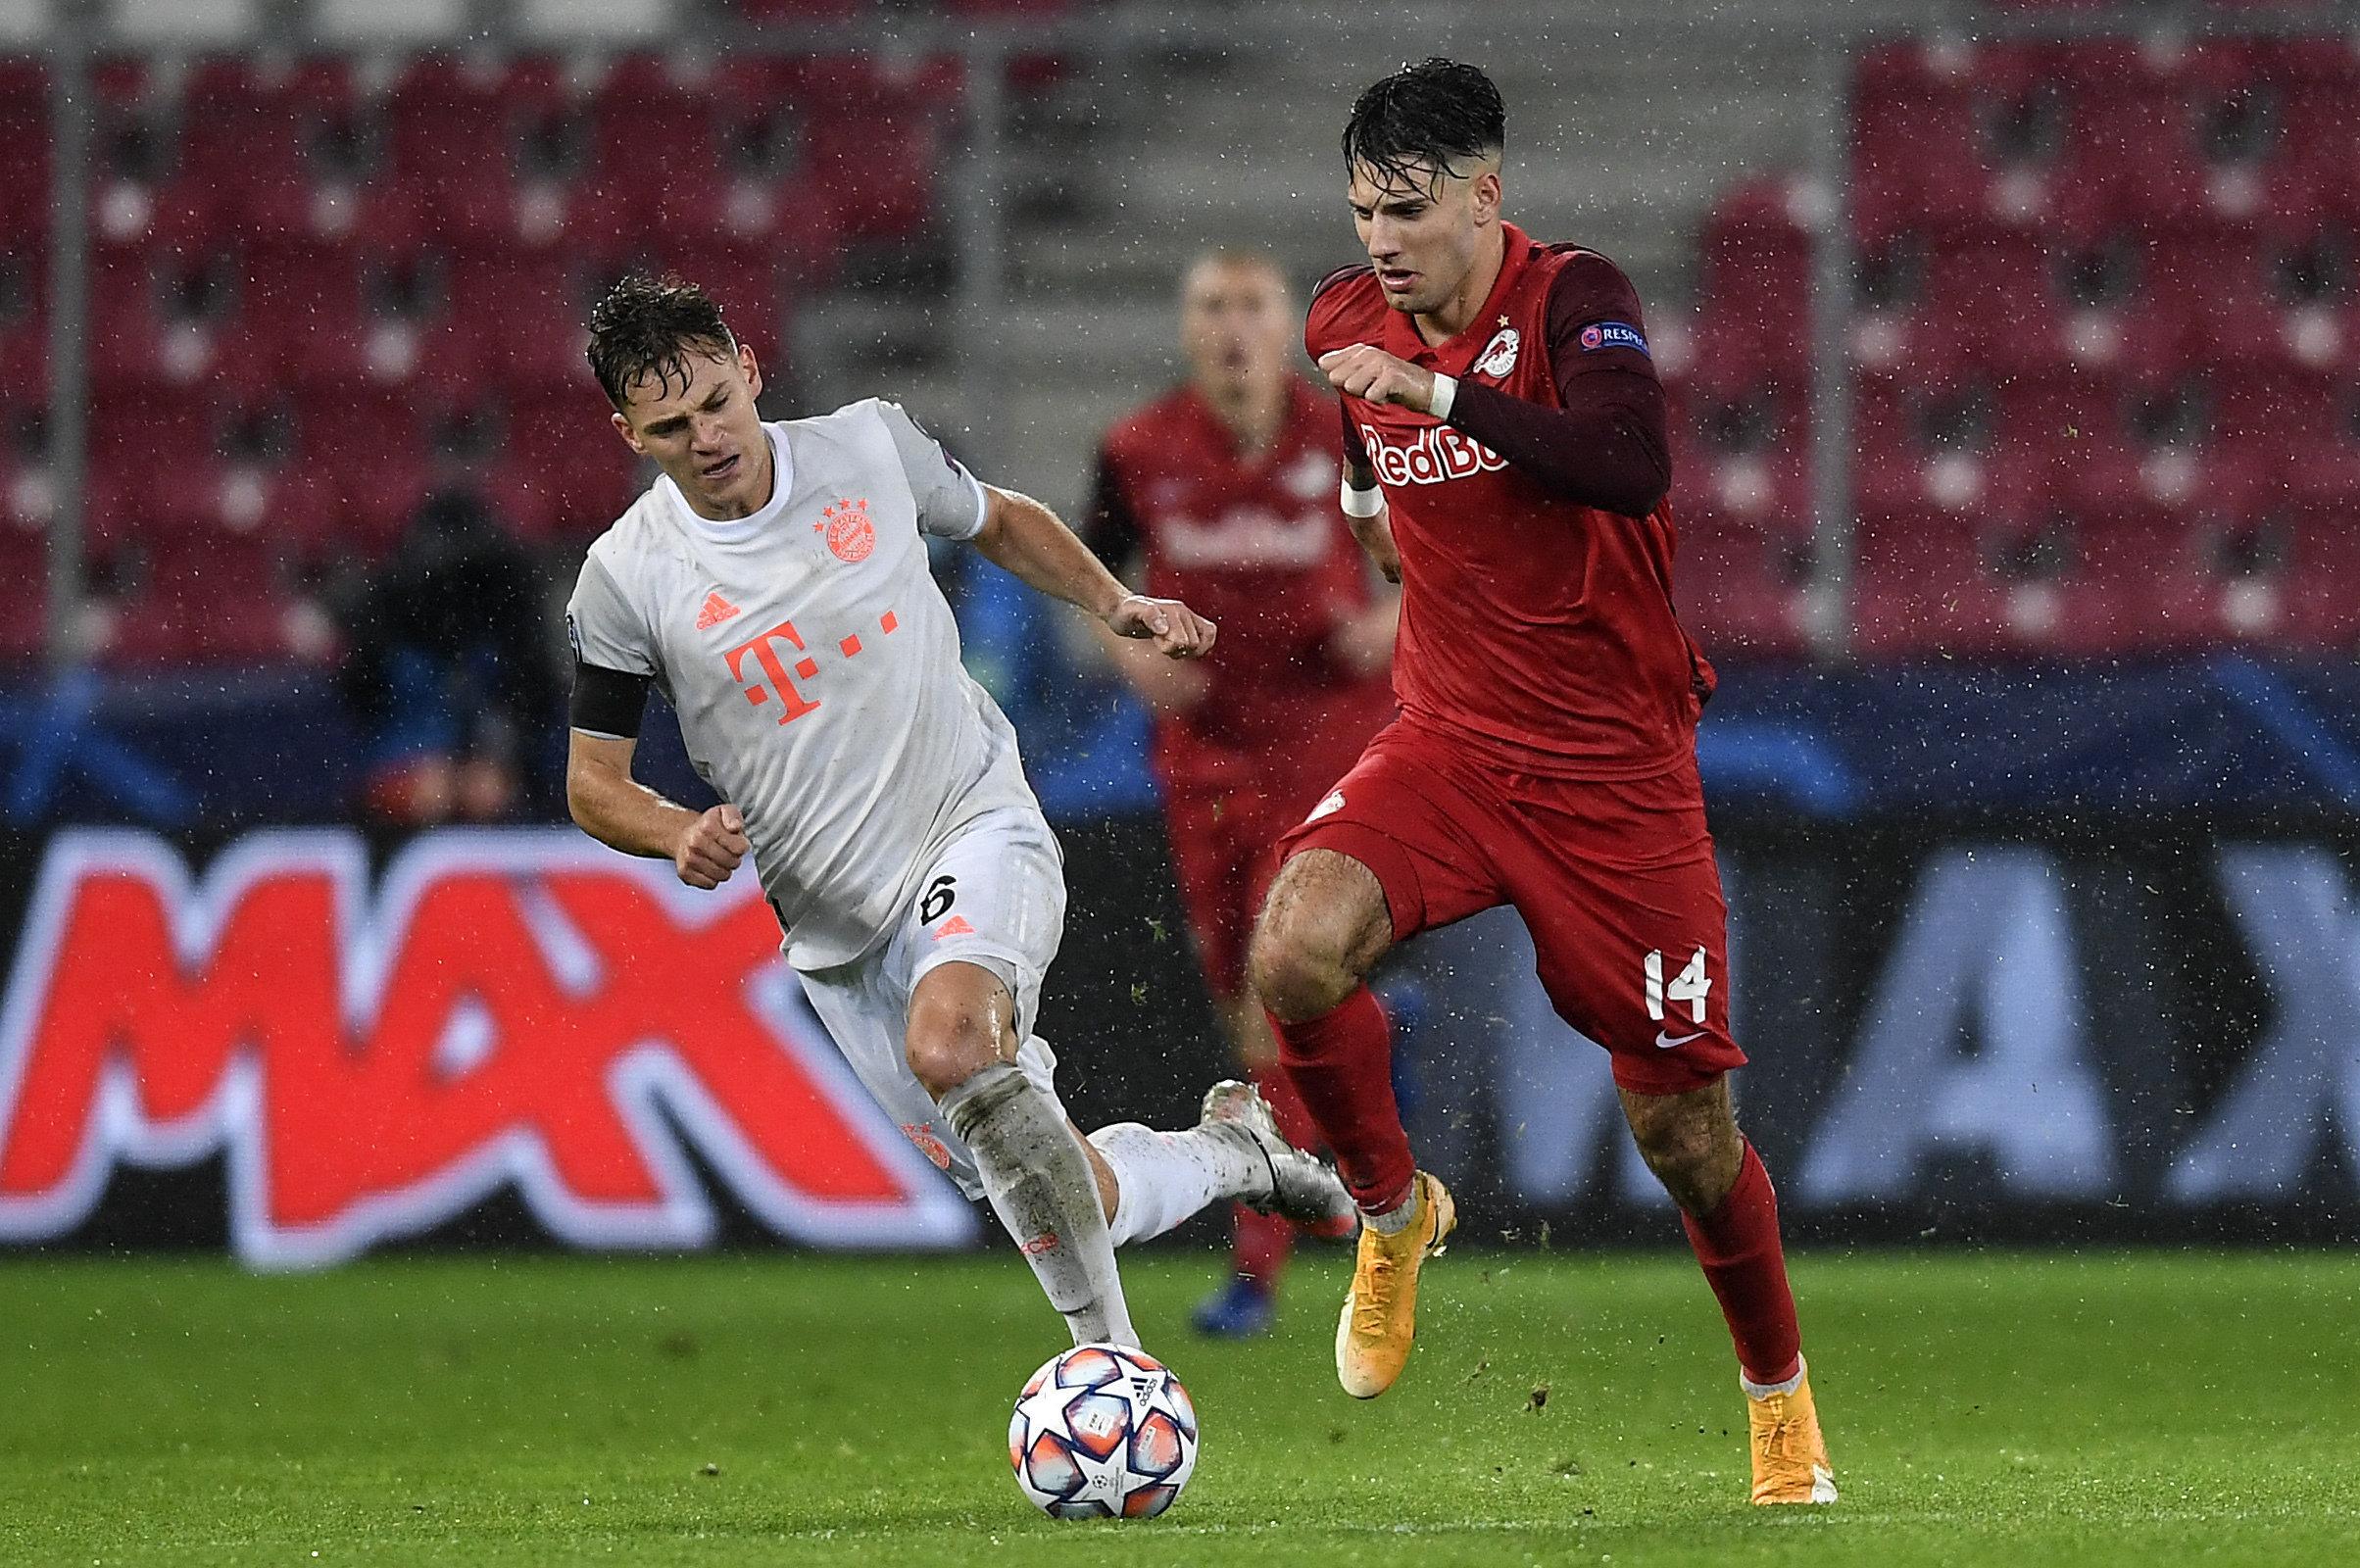 Fußball: Ungarn-Juwel Szoboszlai vor Wechsel nach Deutschland zu RB Leipzig